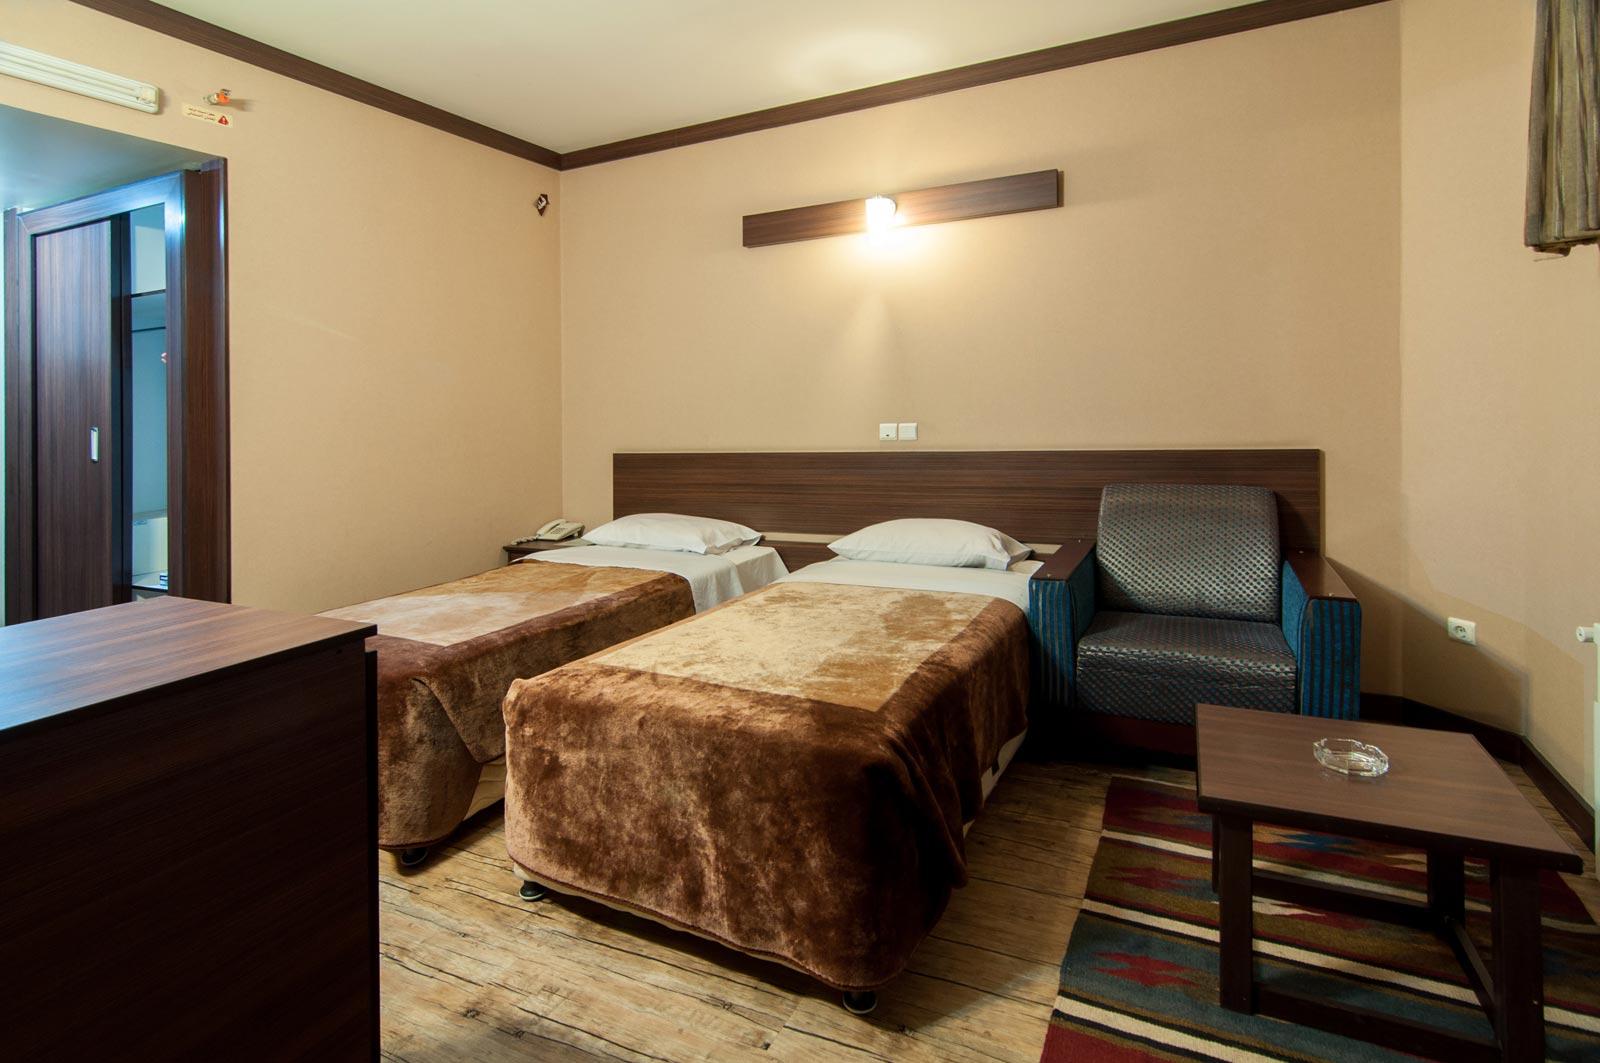 طراحی فضاهای داخلی هتل شیخ بهایی